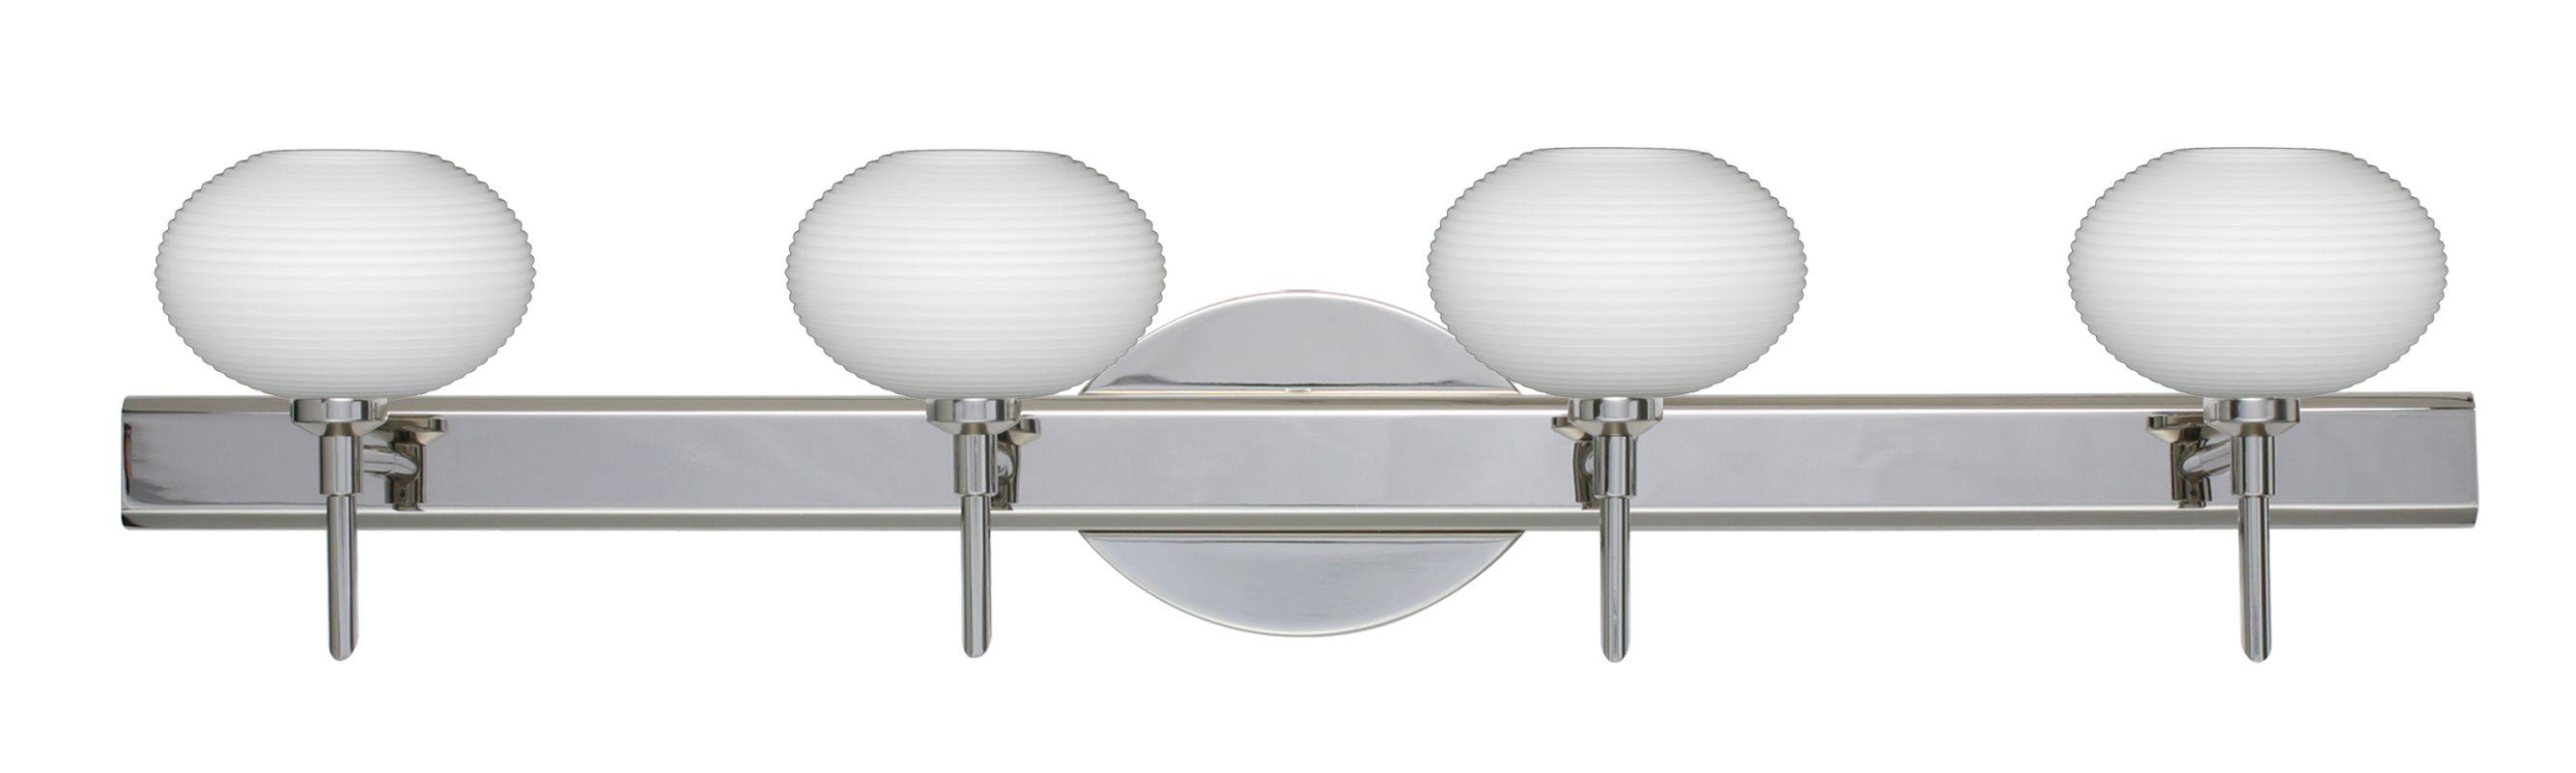 Besa Lighting 4SW-561207 Lasso 4 Light Reversible Halogen Bathroom